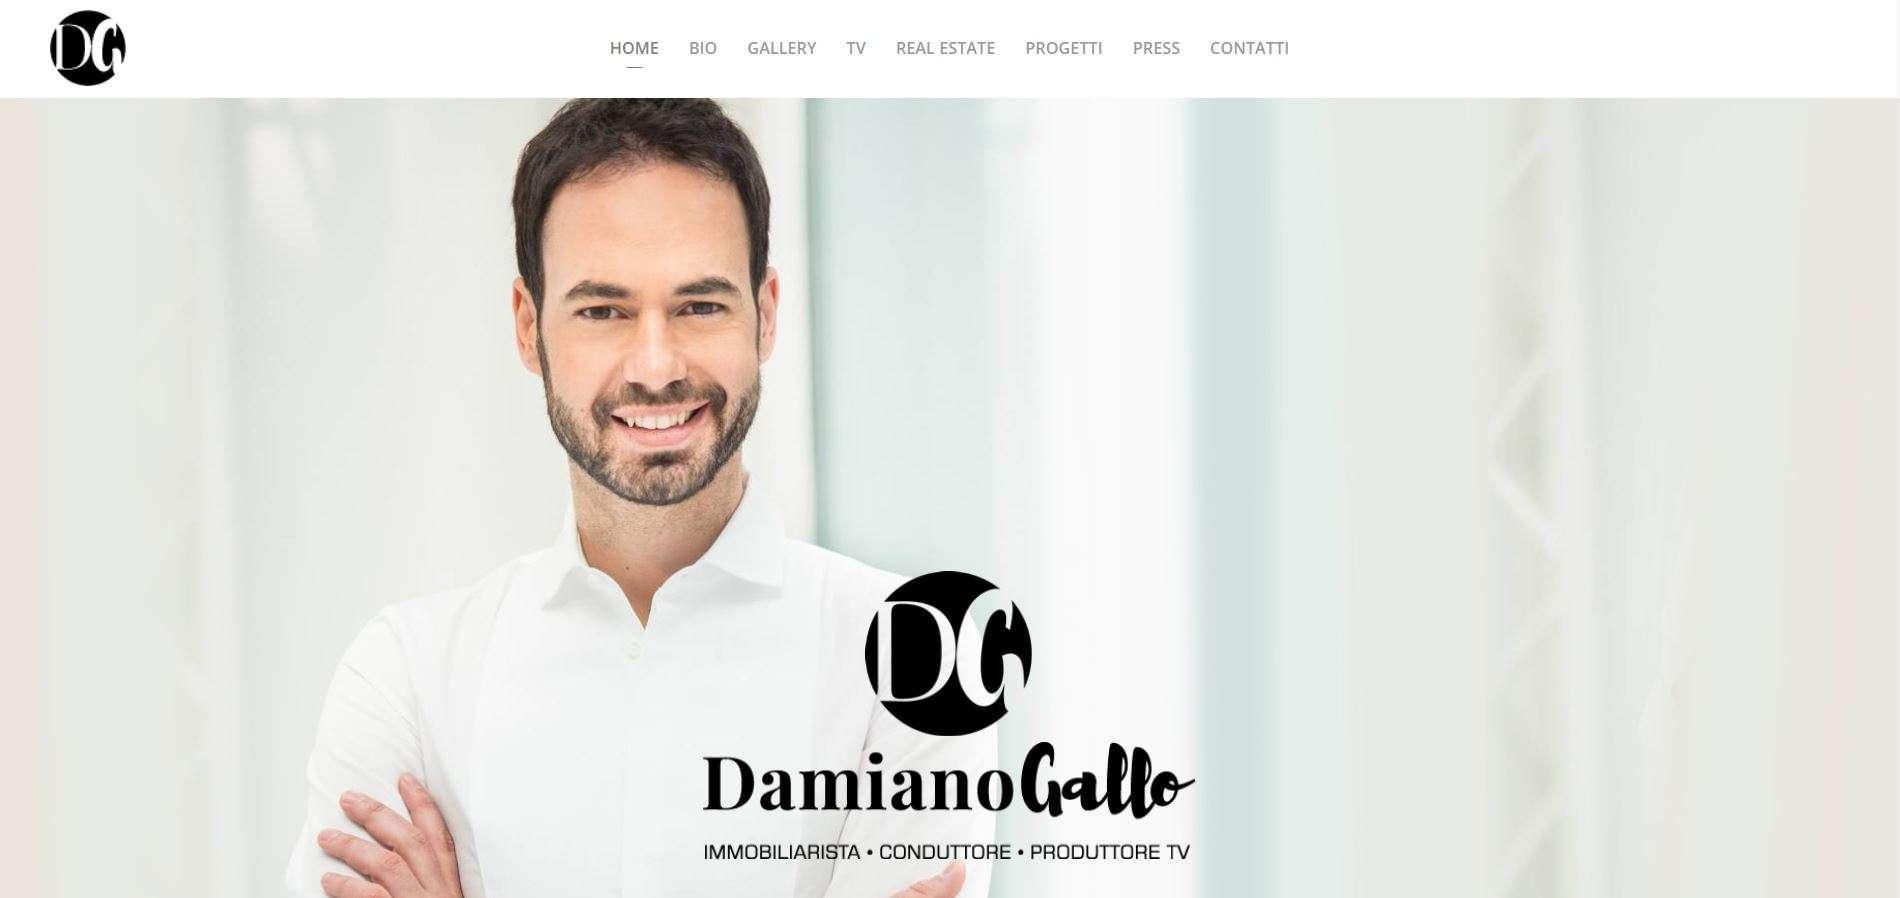 Damiano Gallo